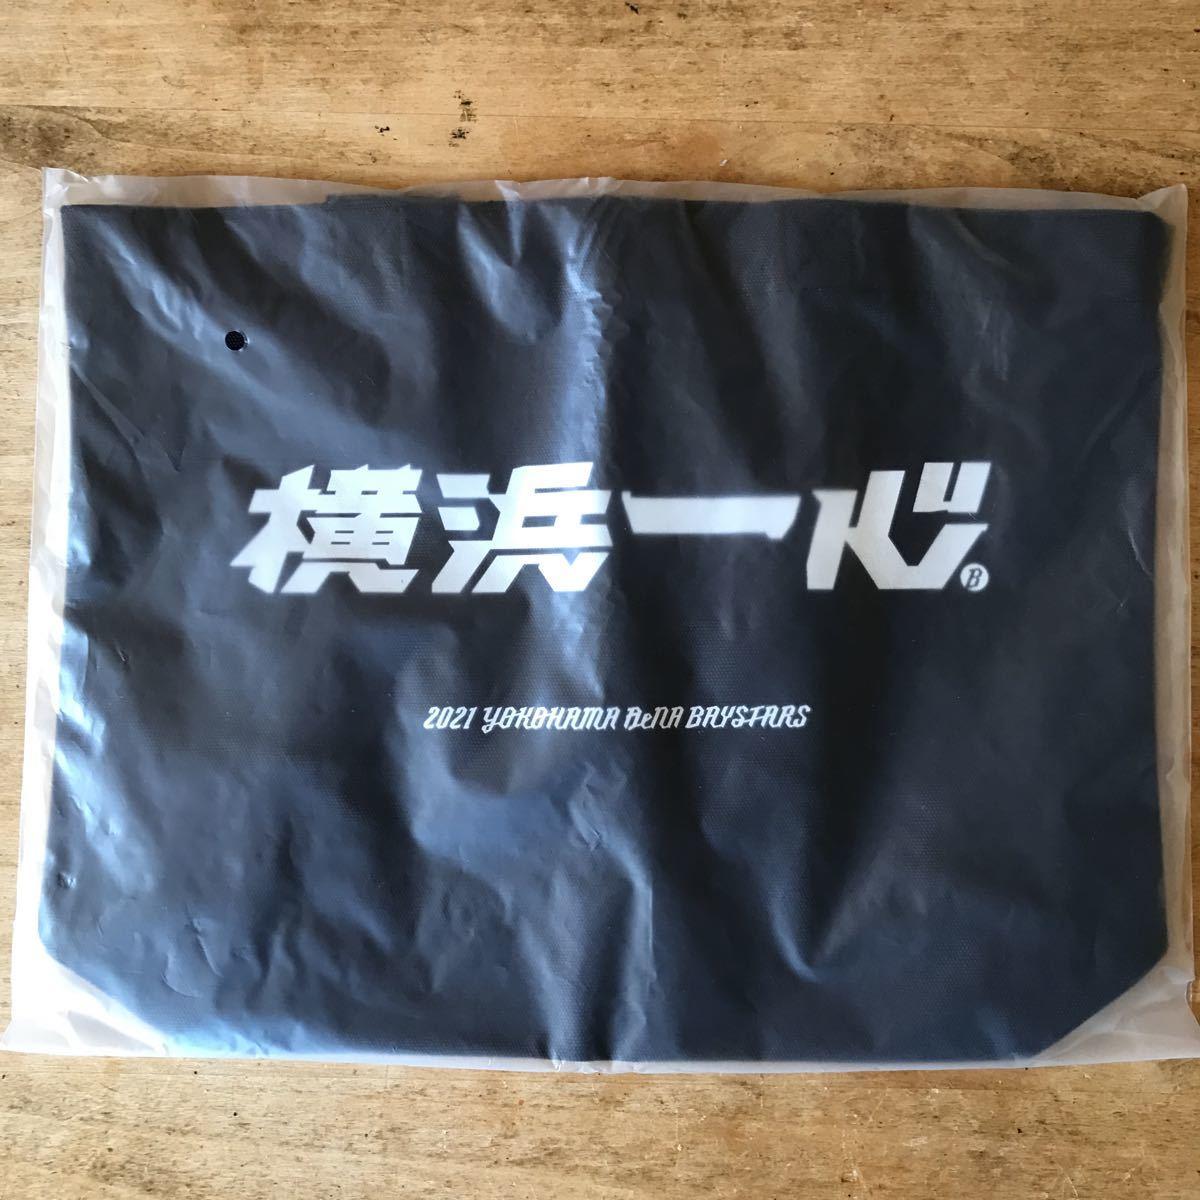 横浜DeNAベイスターズ オリジナルグッズ3点セット(ランチトートバッグ、タオルマフラー、フェイスカバー)ディーエヌエー株主優待_画像5